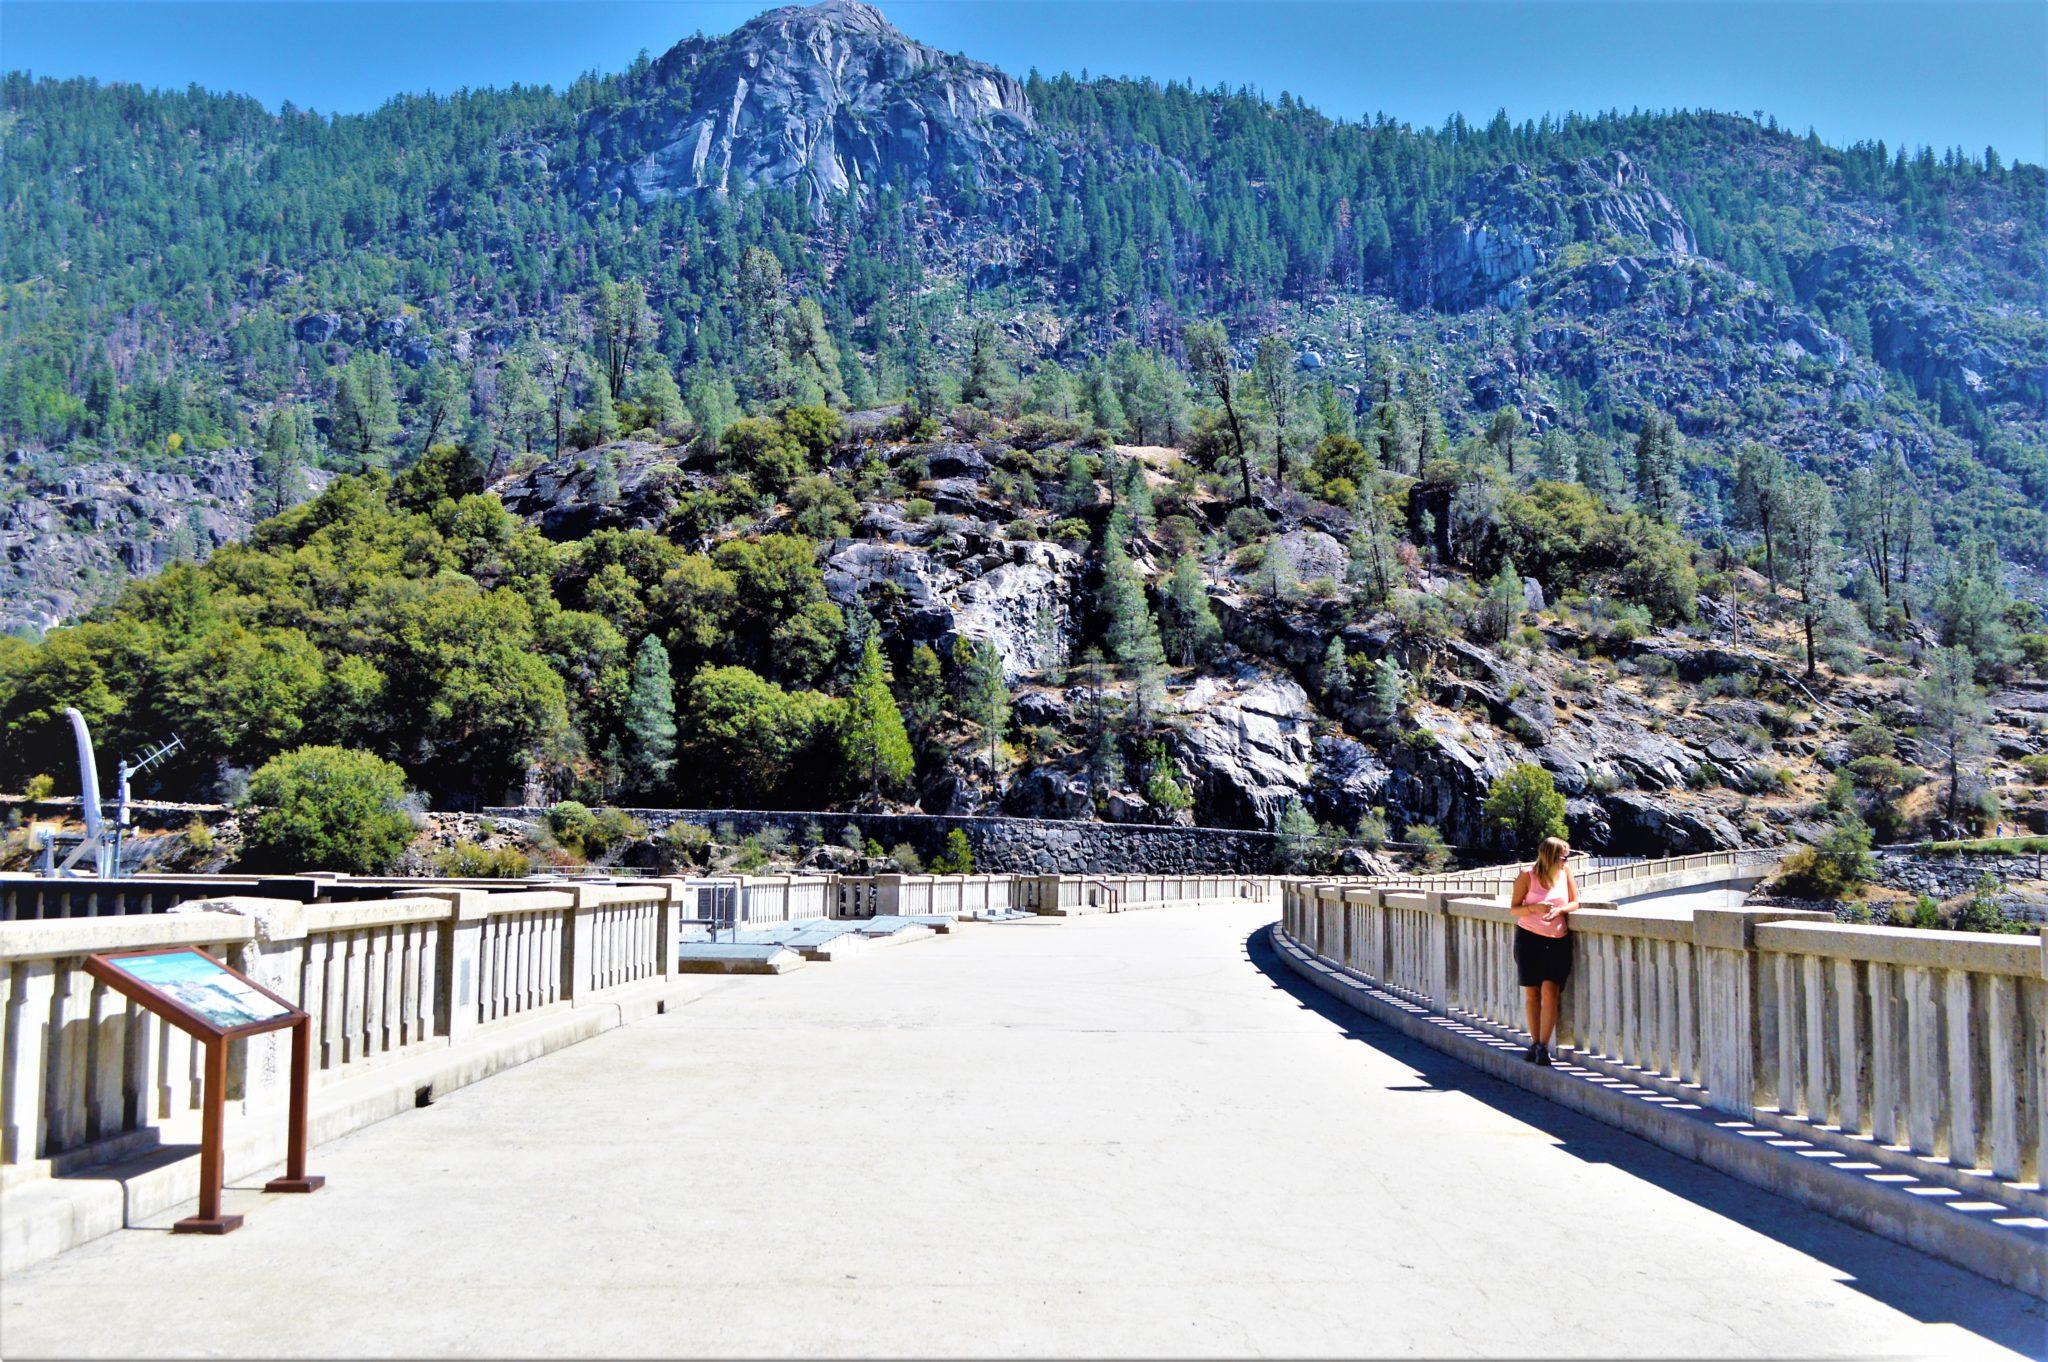 On top of hetch hetchy dam, California